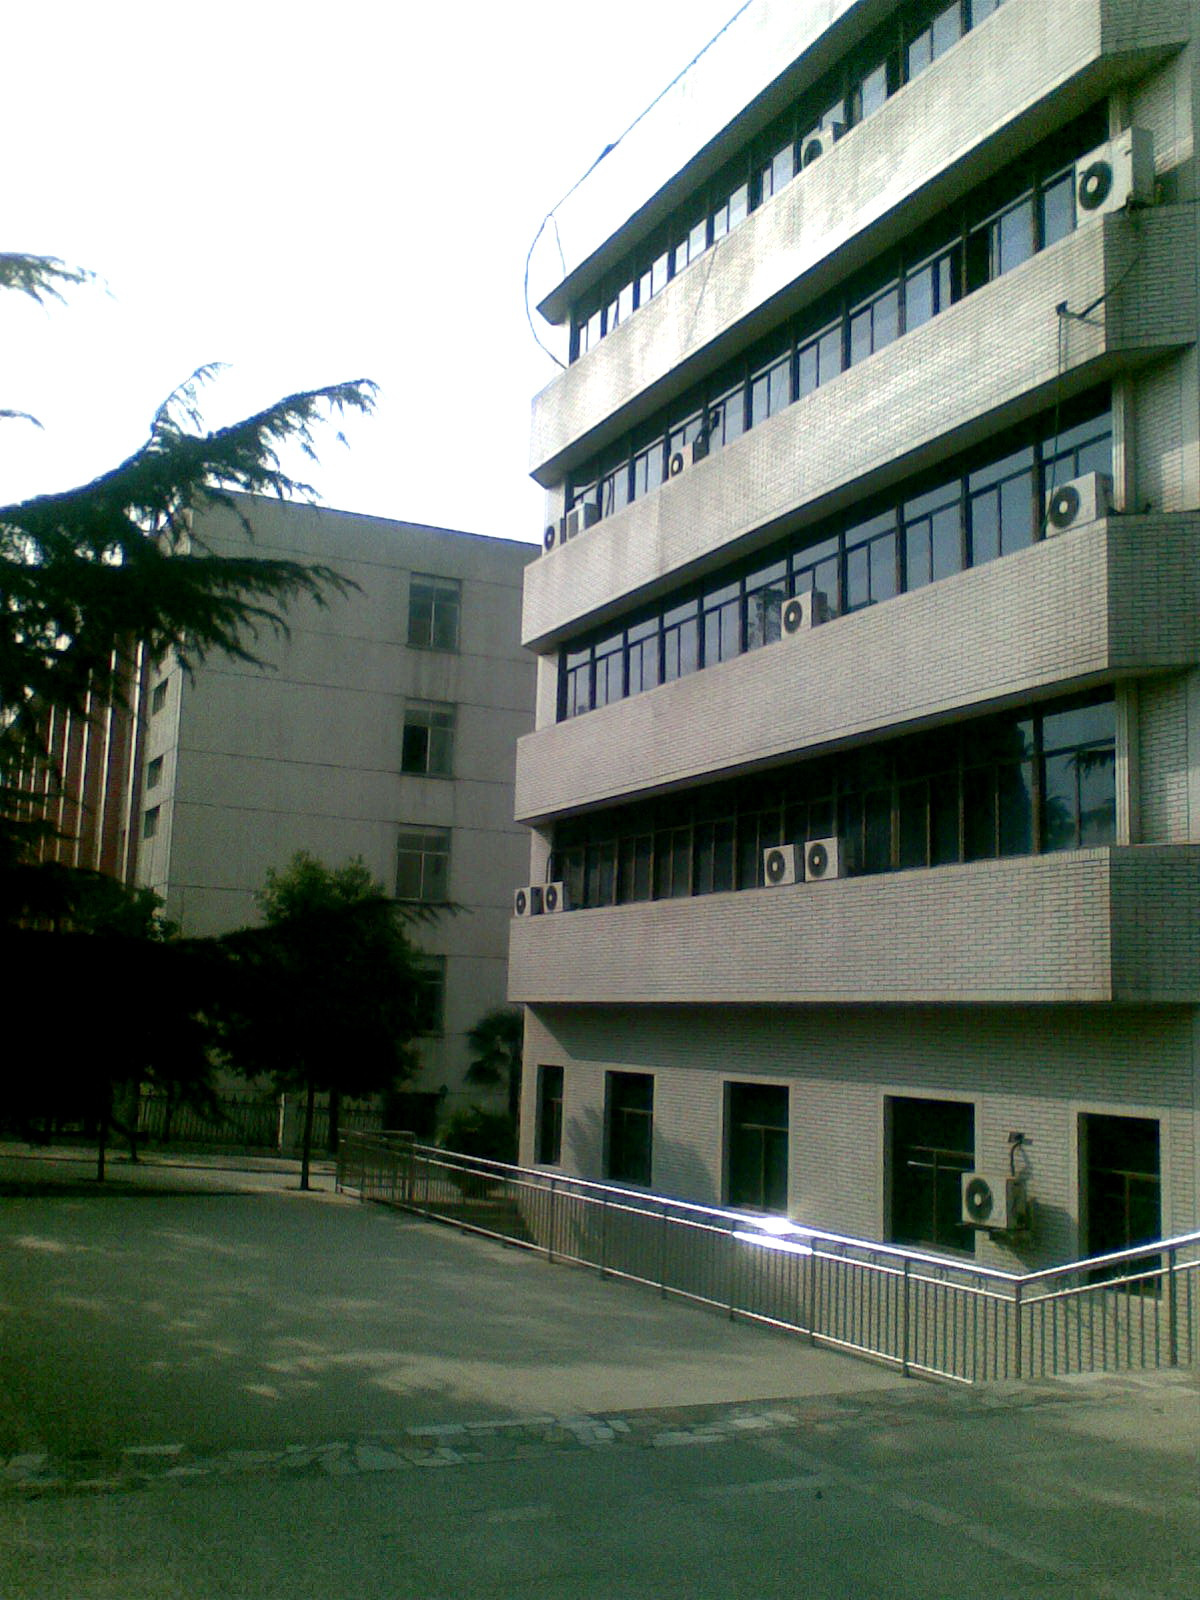 同时学校根据通信企业技术发展的现状不四川邮电职业技术学院